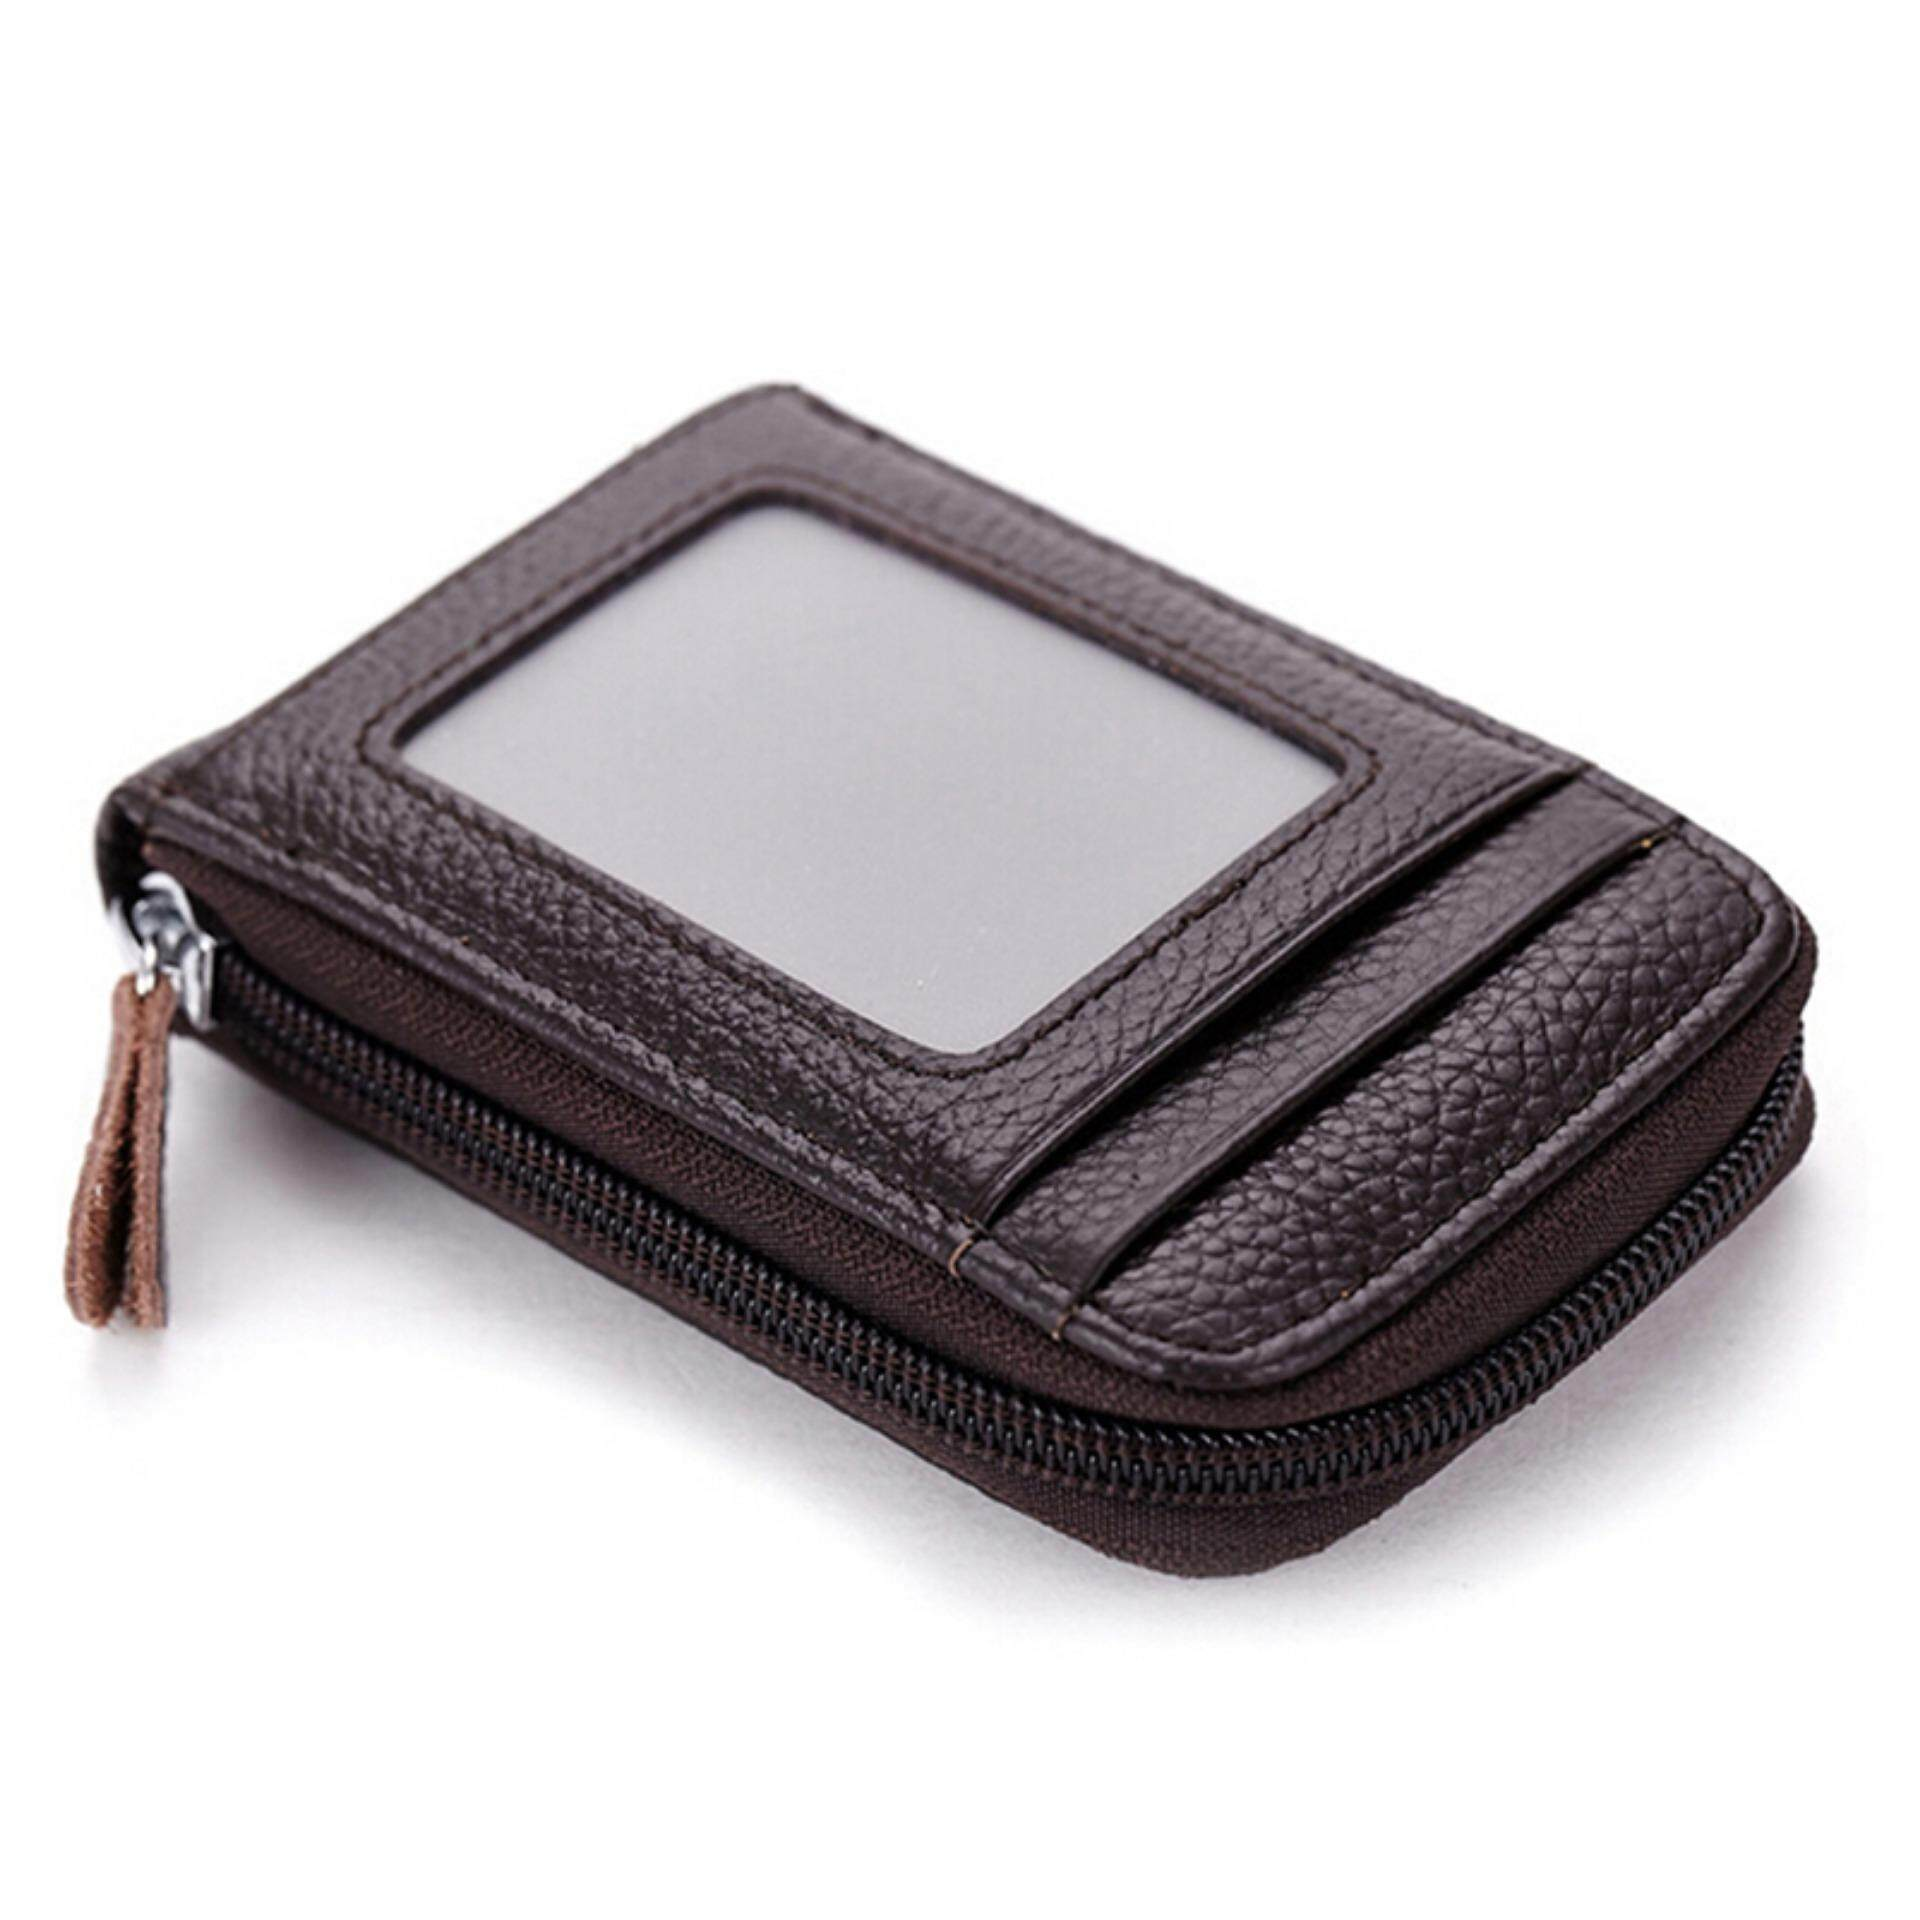 Pria Wanita Kartu Kredit ID Dompet Memblokir Zipper Kulit Tempat Kartu